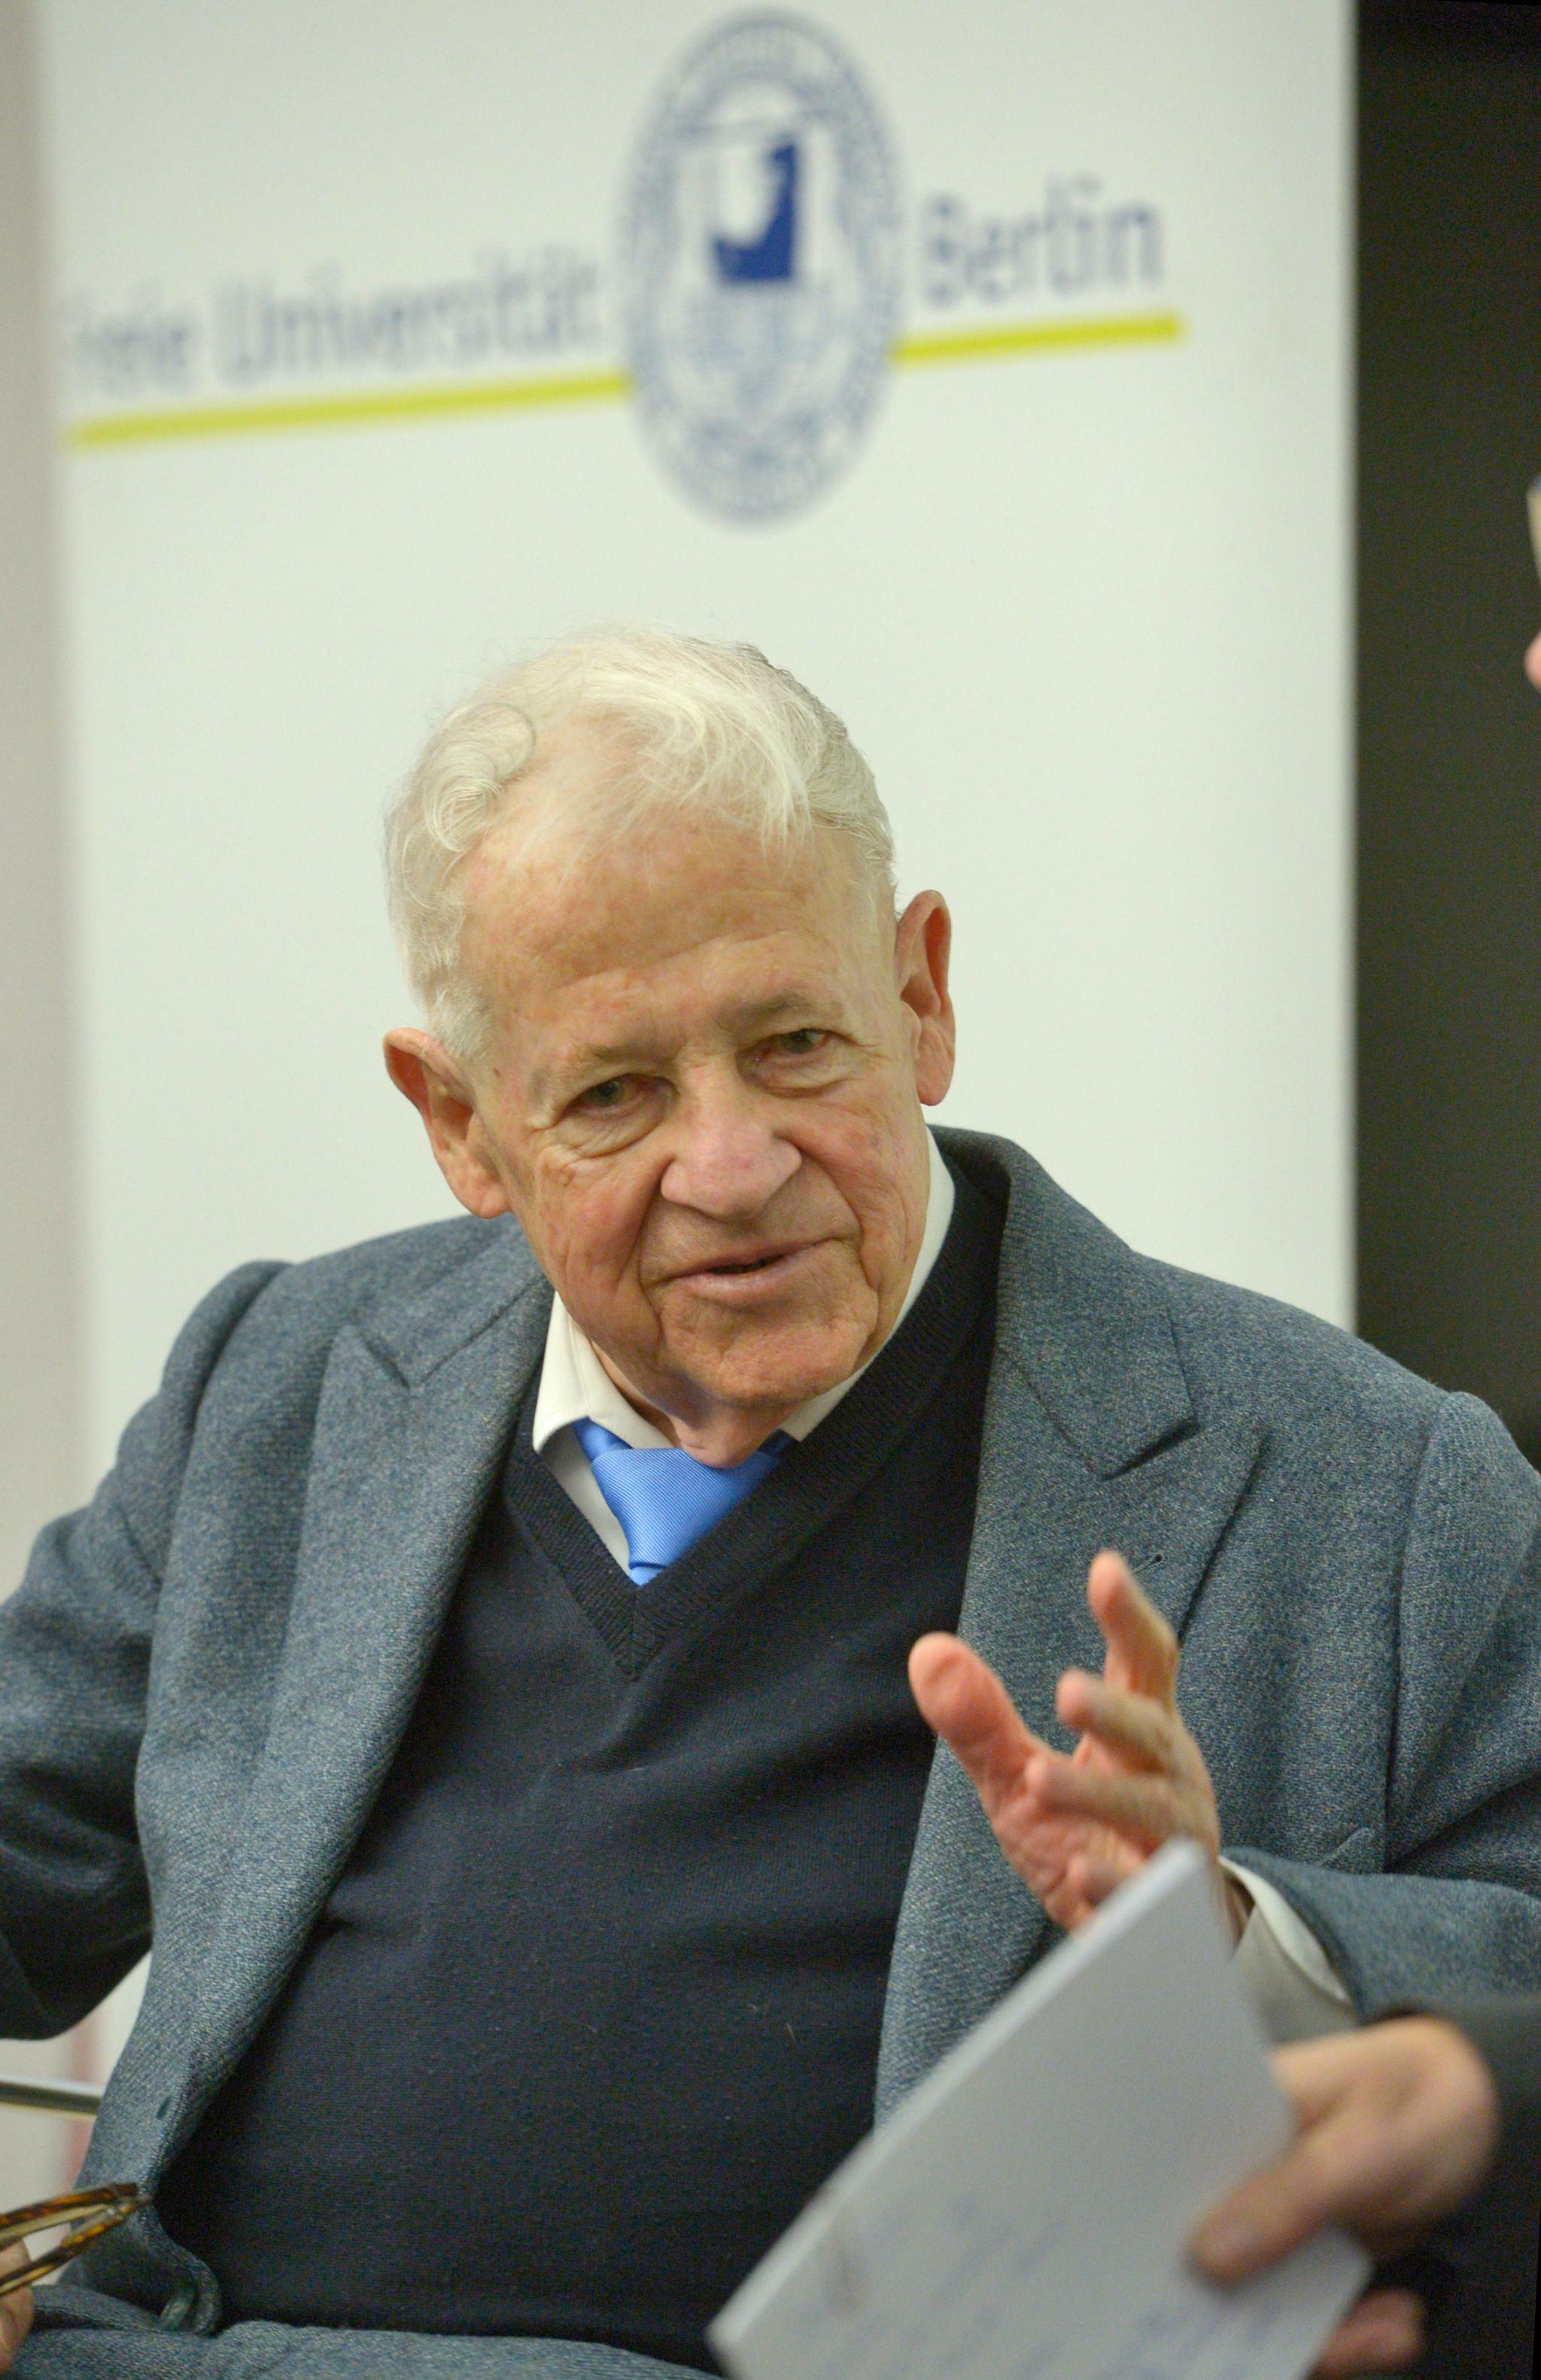 Klaus Heinrich FU Berlin Festivitäten zum 90. Geburtstag